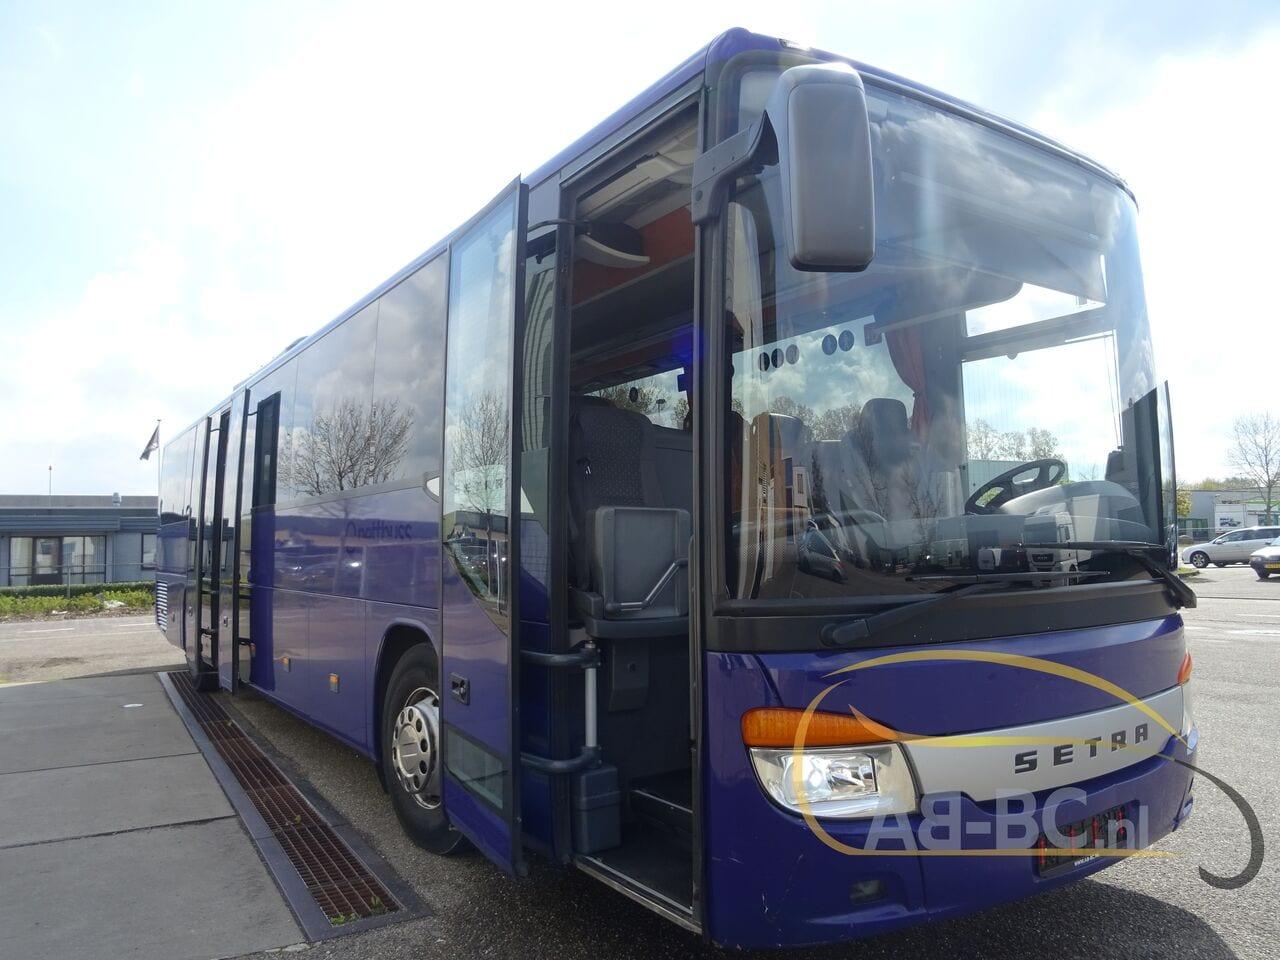 coach-busSETRA-S416H-48-SEATS-LIFTBUS---1620309612157314079_big_c20cb5594419cd8fb1ba0976a41cb88d--21050616581387095000